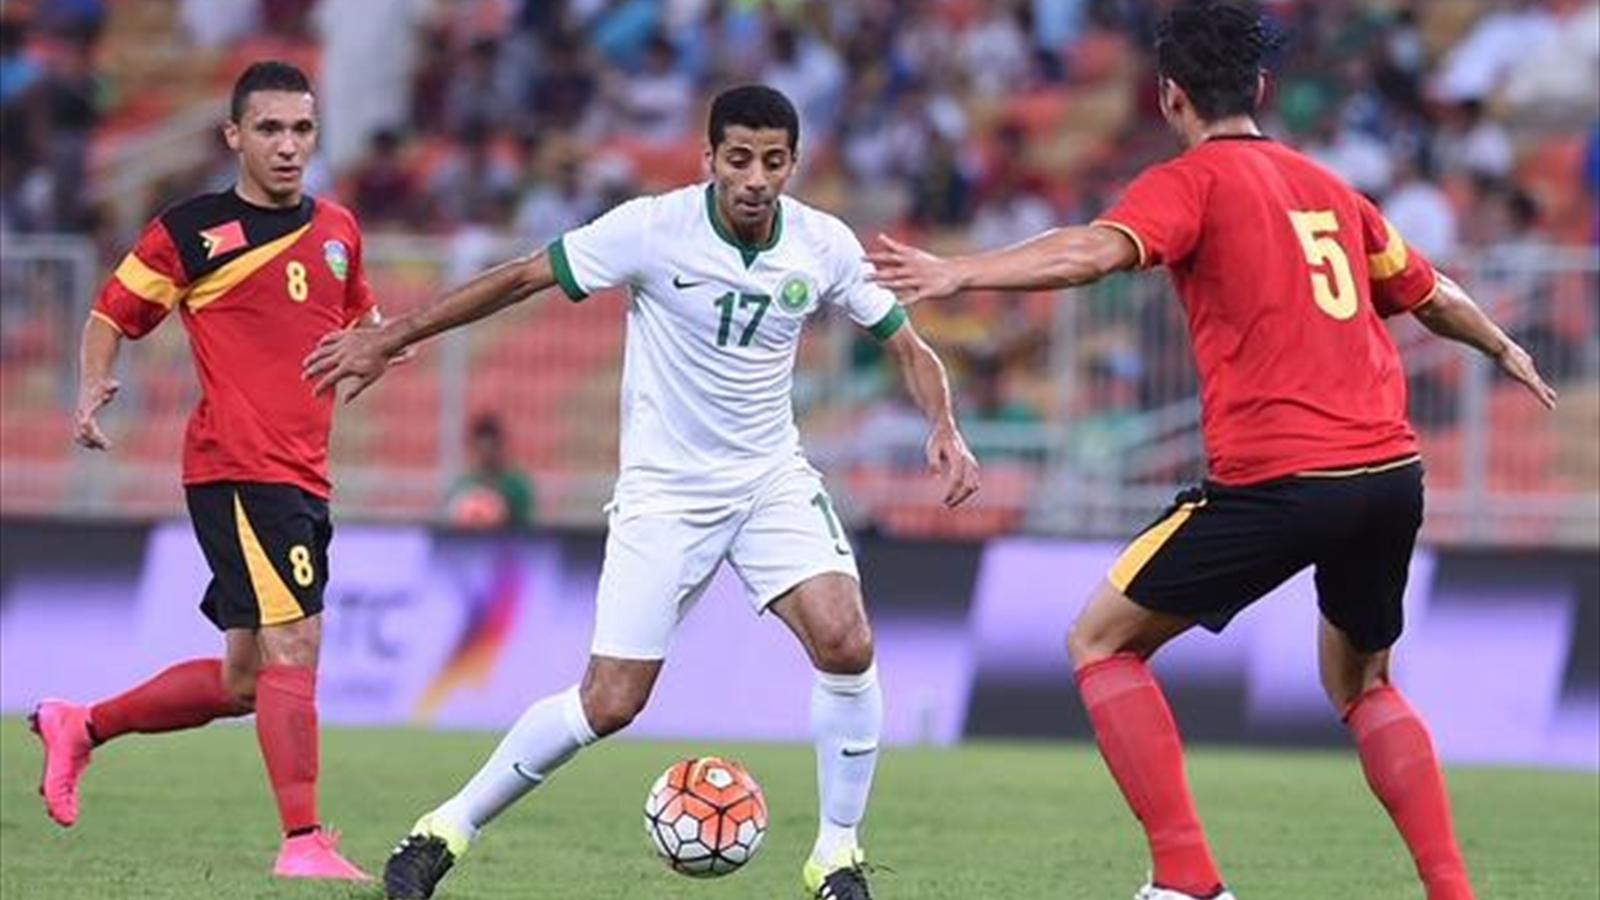 الفيفا يحتسب مباراة ماليزيا 3-0 للأخضر